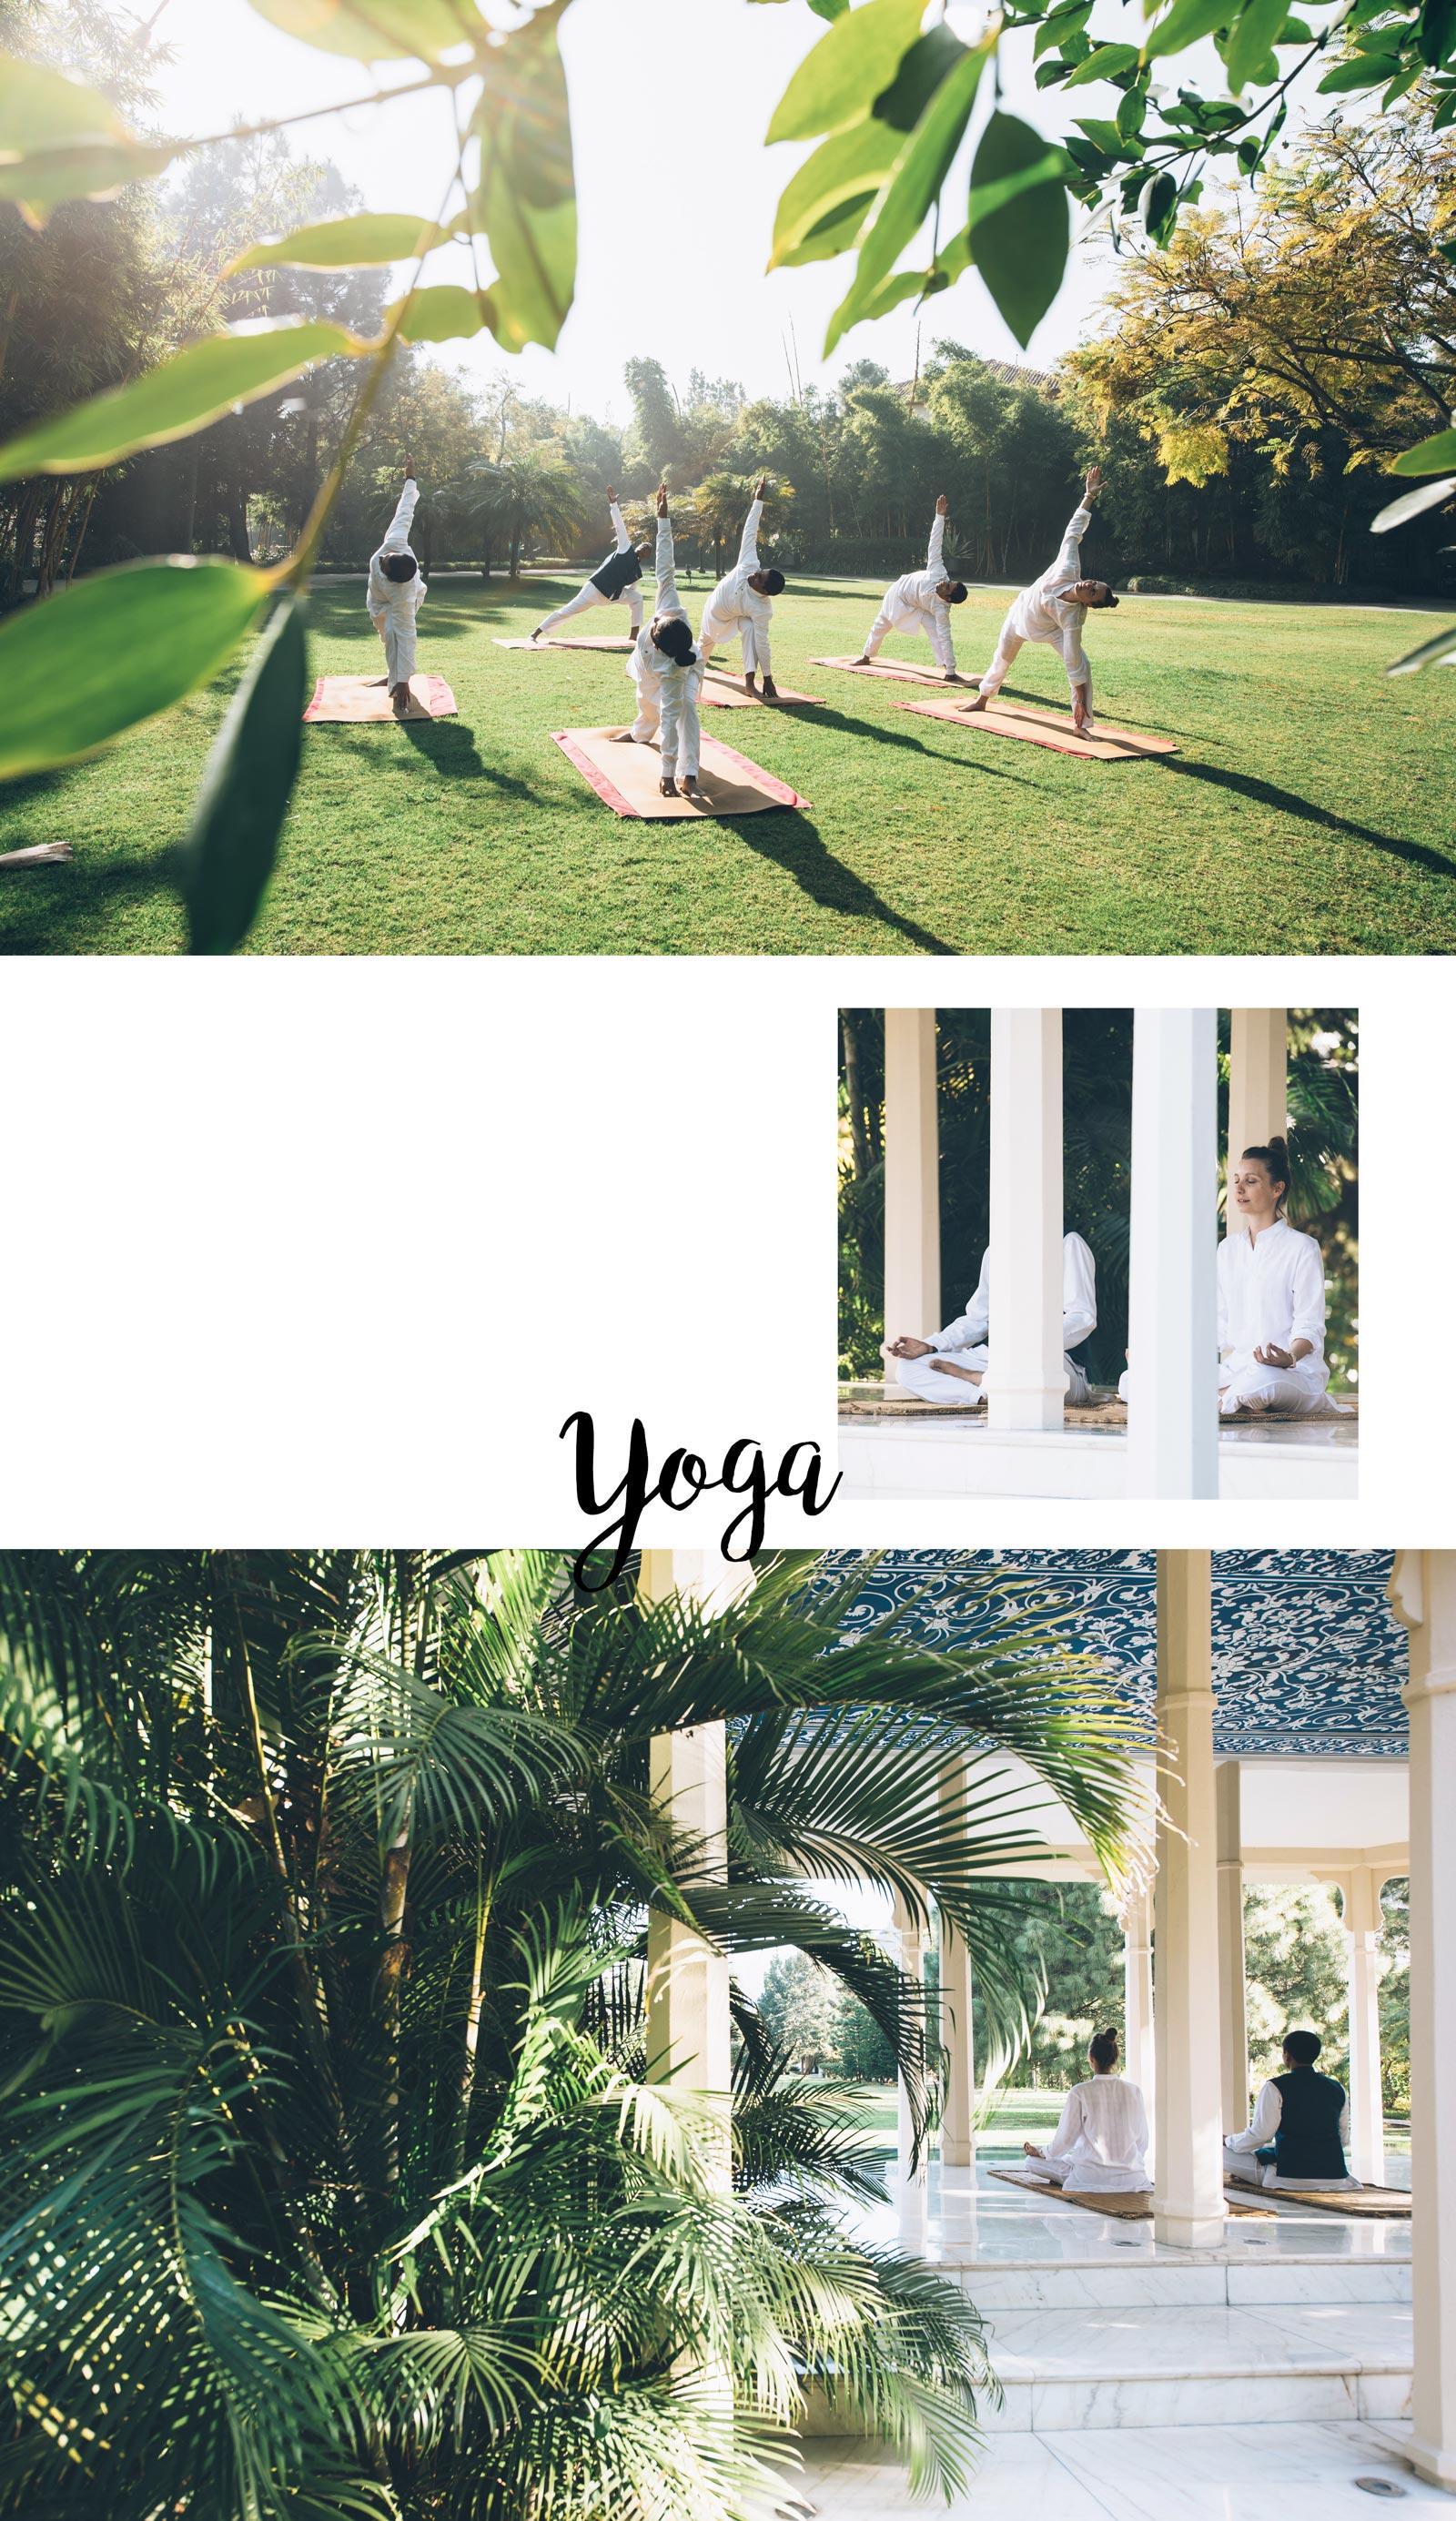 sejour yoga rishikesh